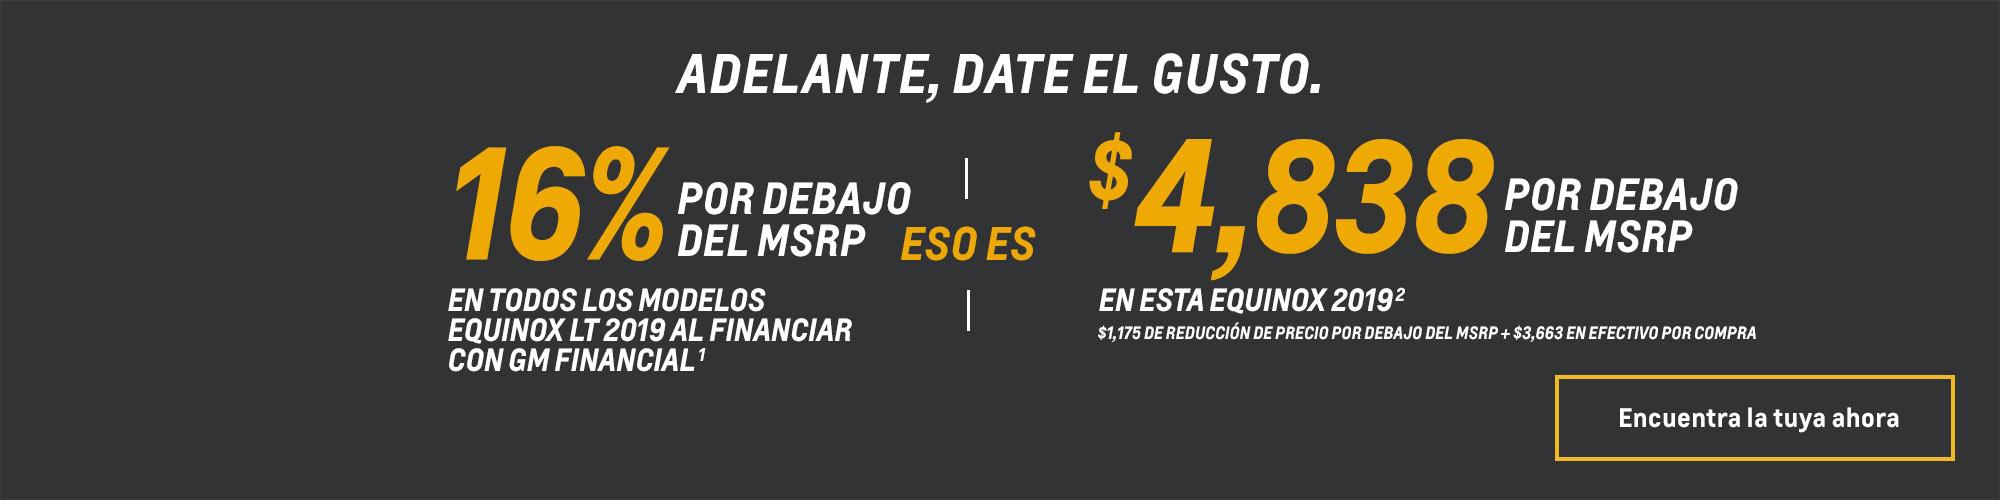 Equinox 2019 - $4,838 Por debajo del MSRP